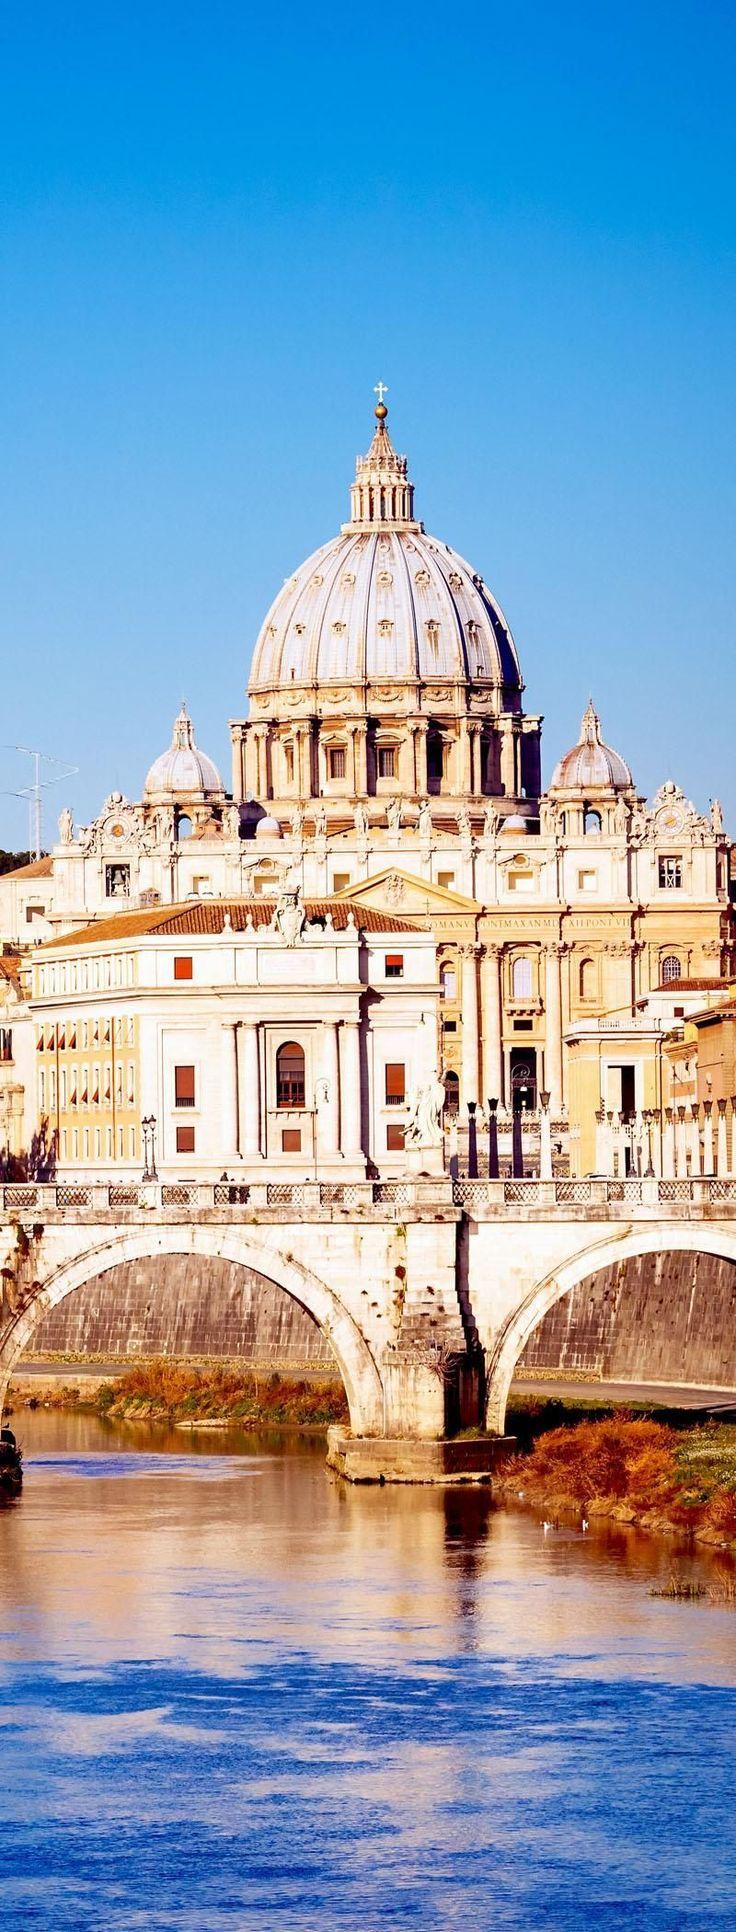 famous landmarks world - photo #18